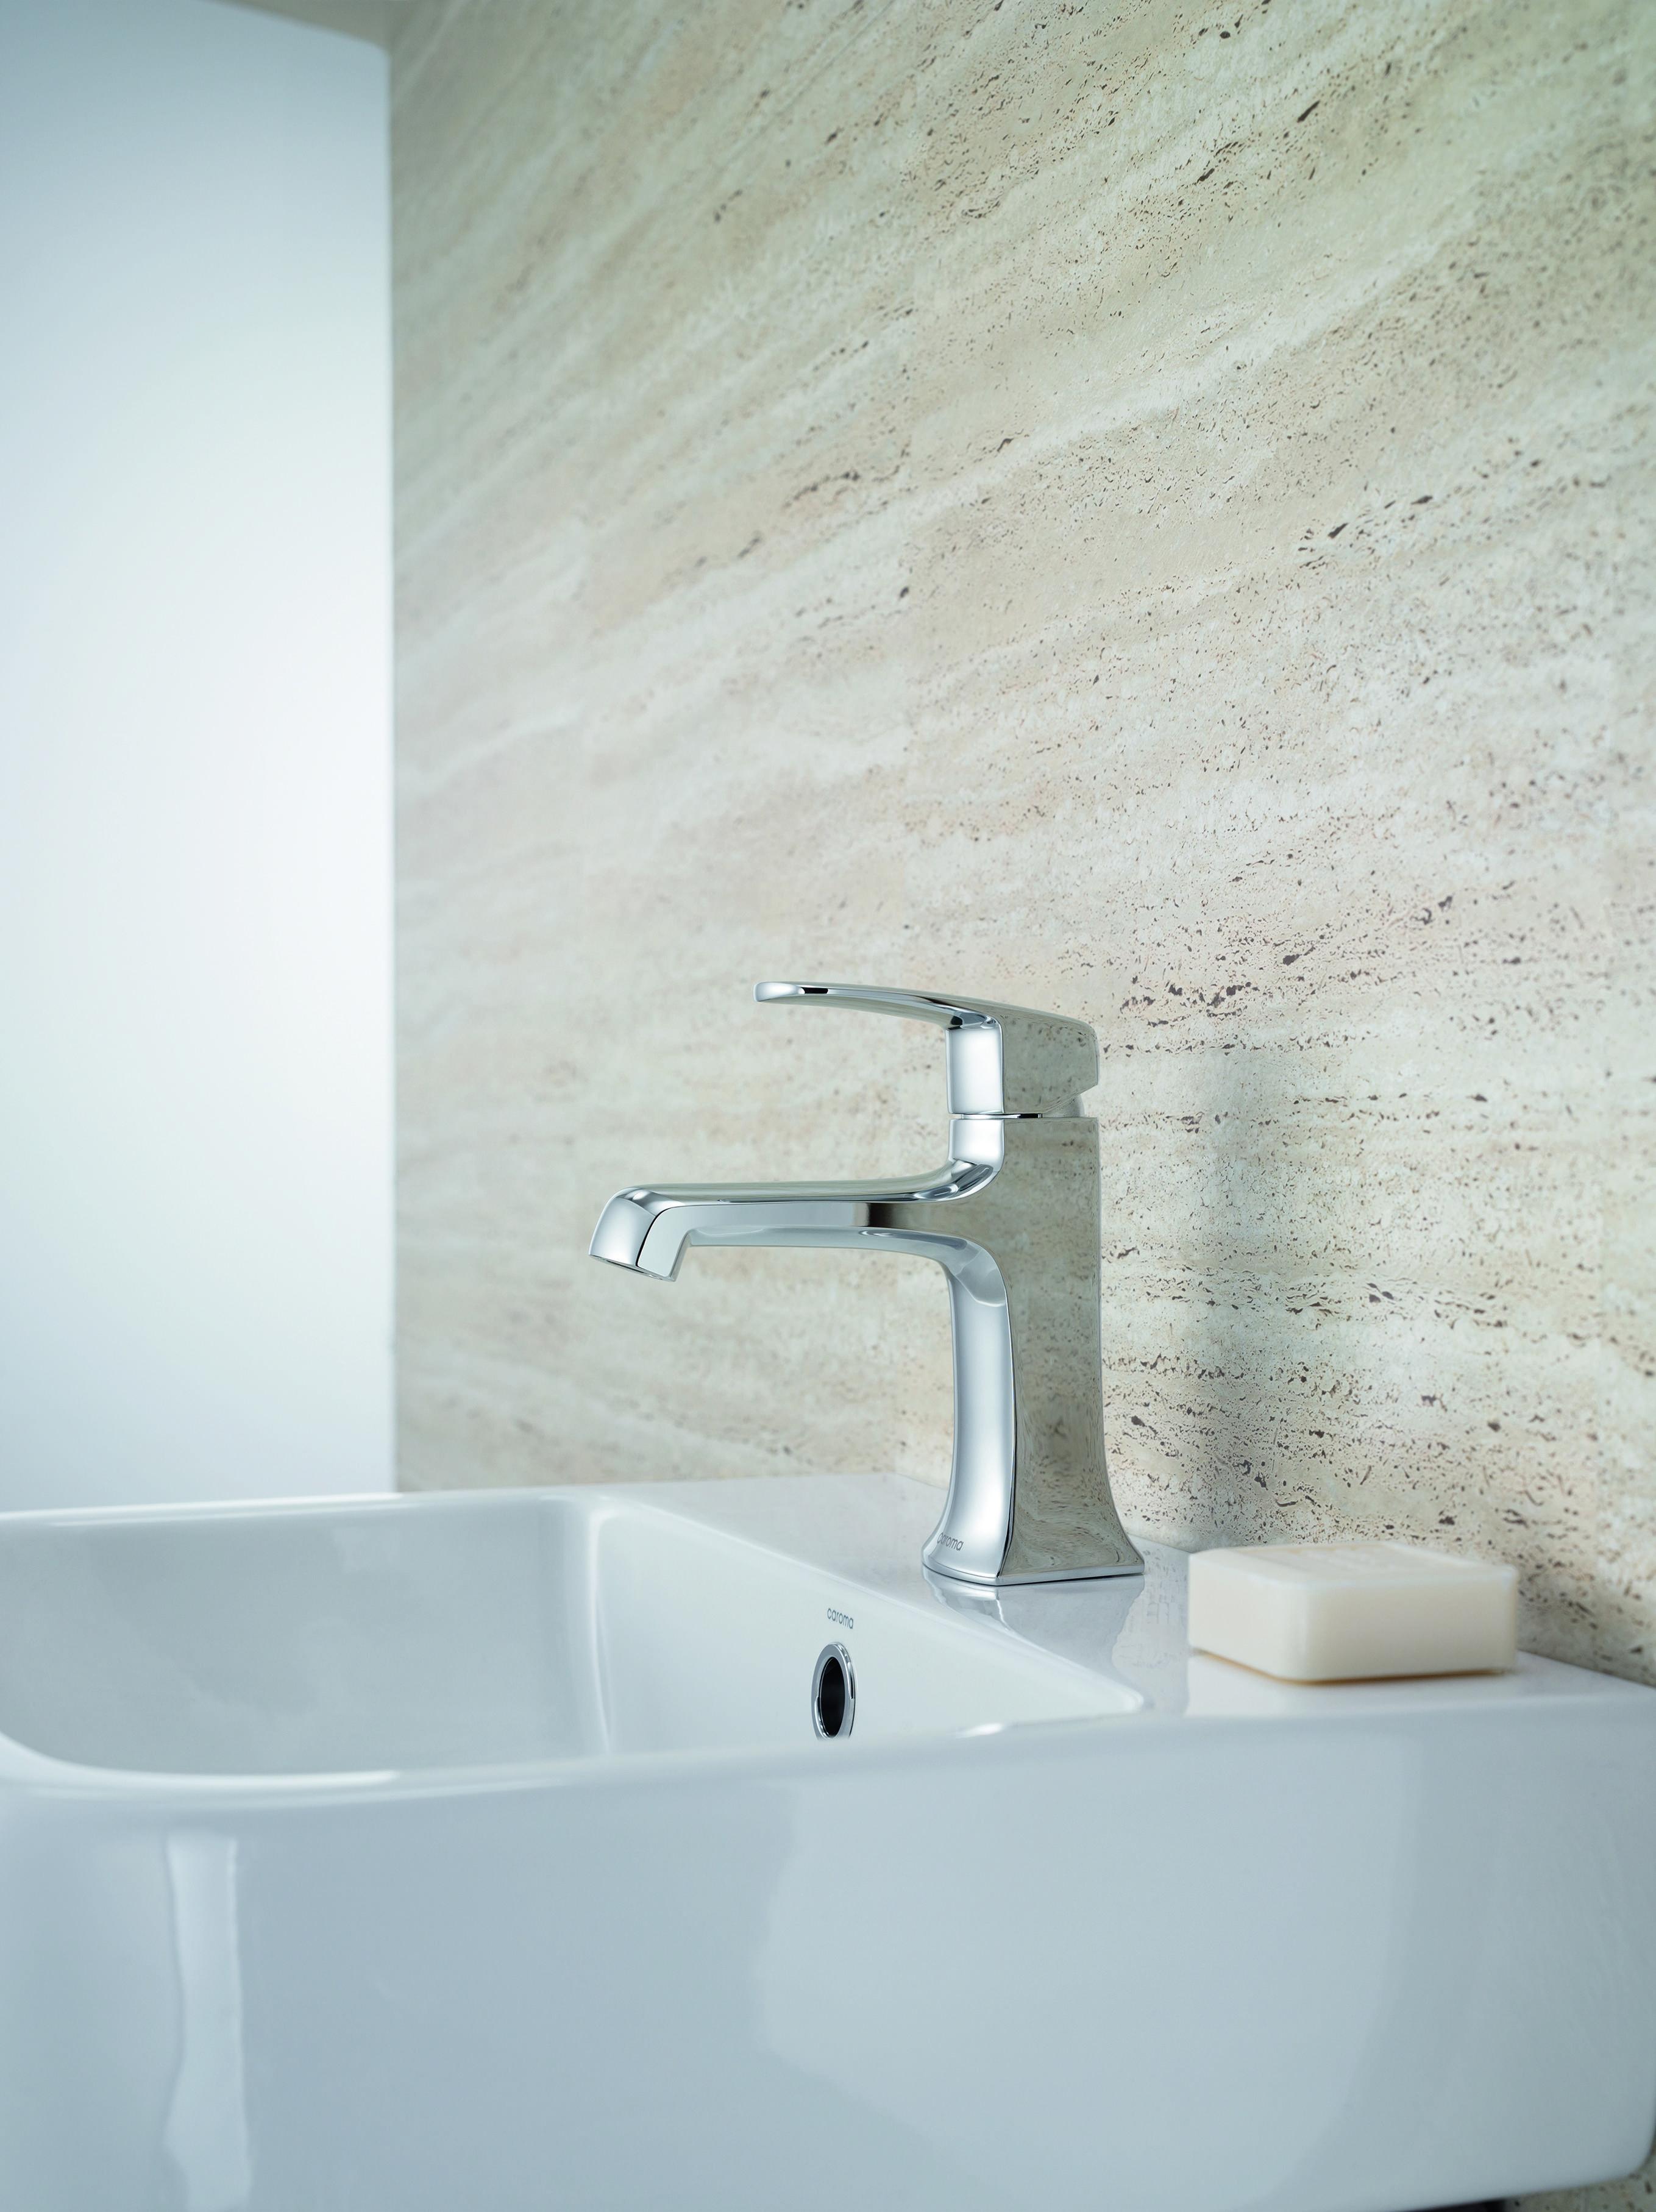 Caroma Pillar Basin Mixer   http://www.caroma.com.au/bathrooms/mixer-taps/pillar/pillar-basin-mixer